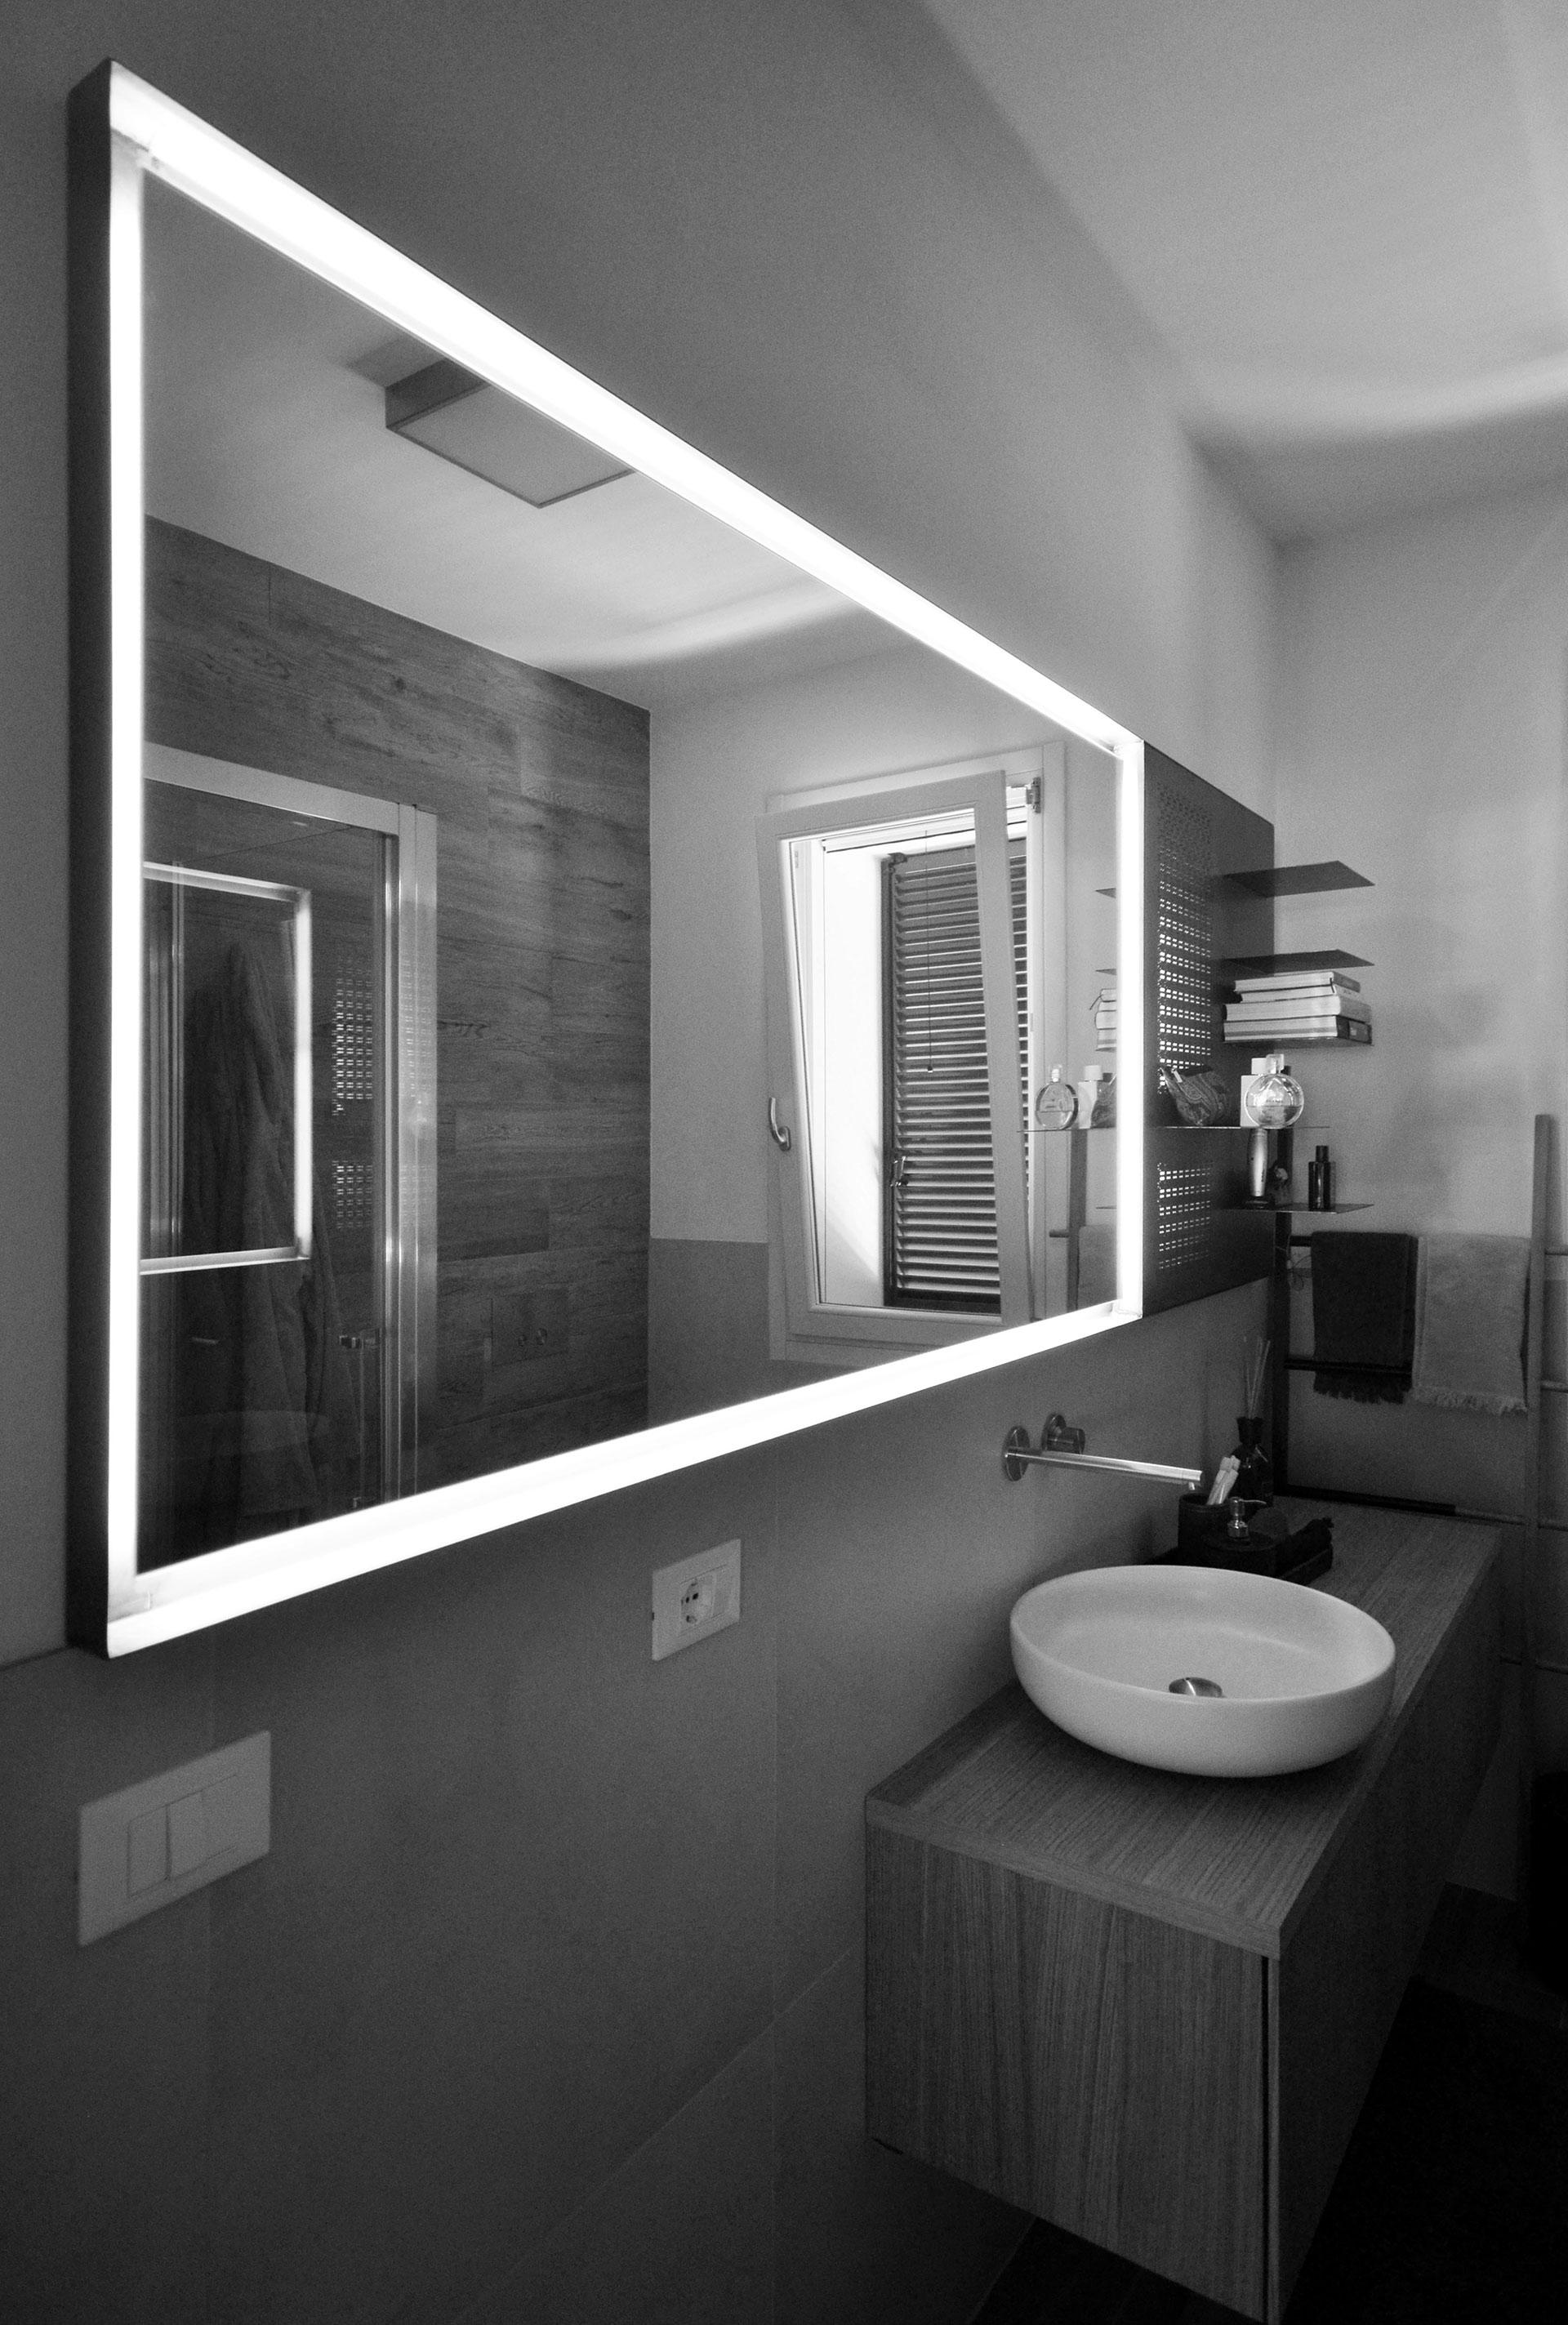 specchio. vista della parete intera